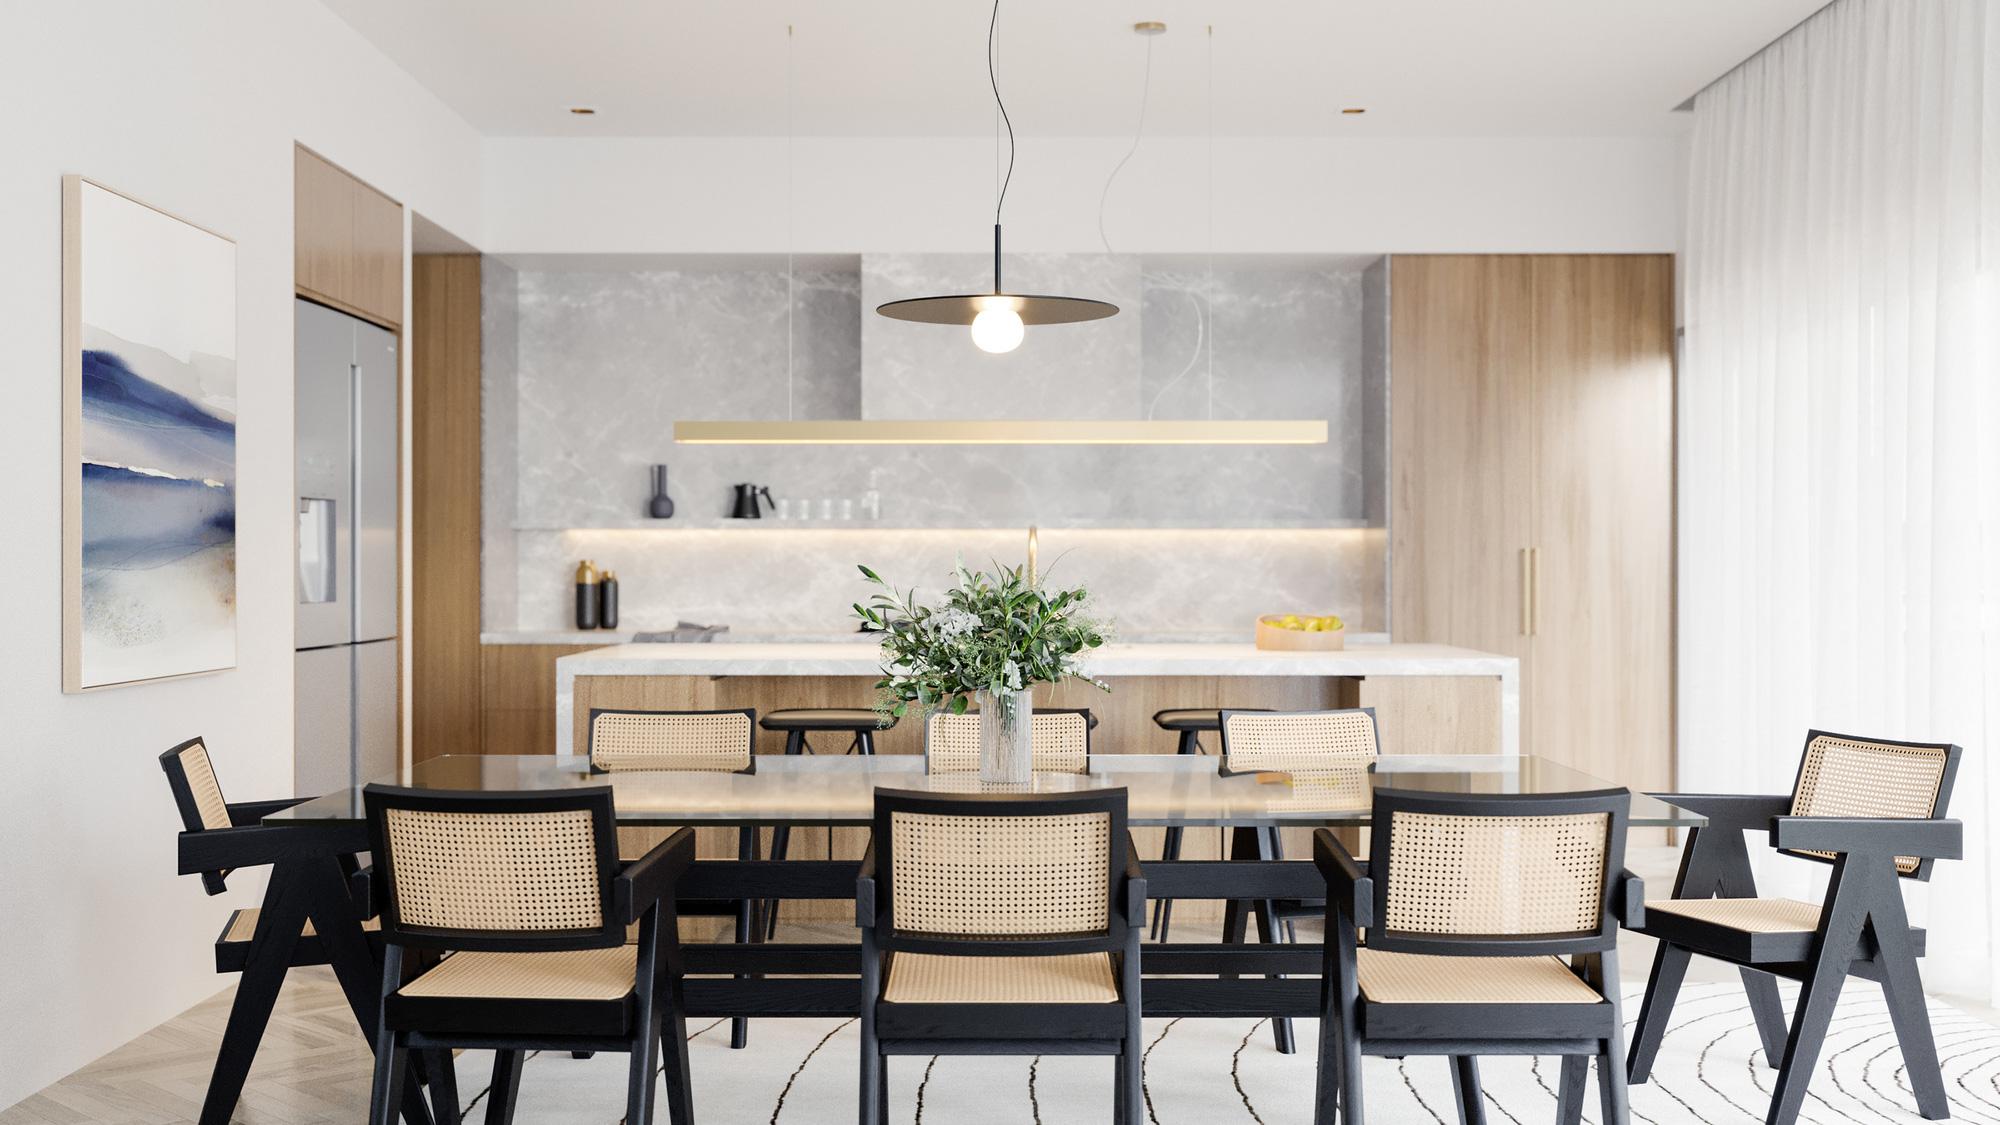 Tư vấn thiết kế nhà cấp 4 diện tích 120m² cho gia đình 6 thành viên chi phí 200 triệu - Ảnh 5.